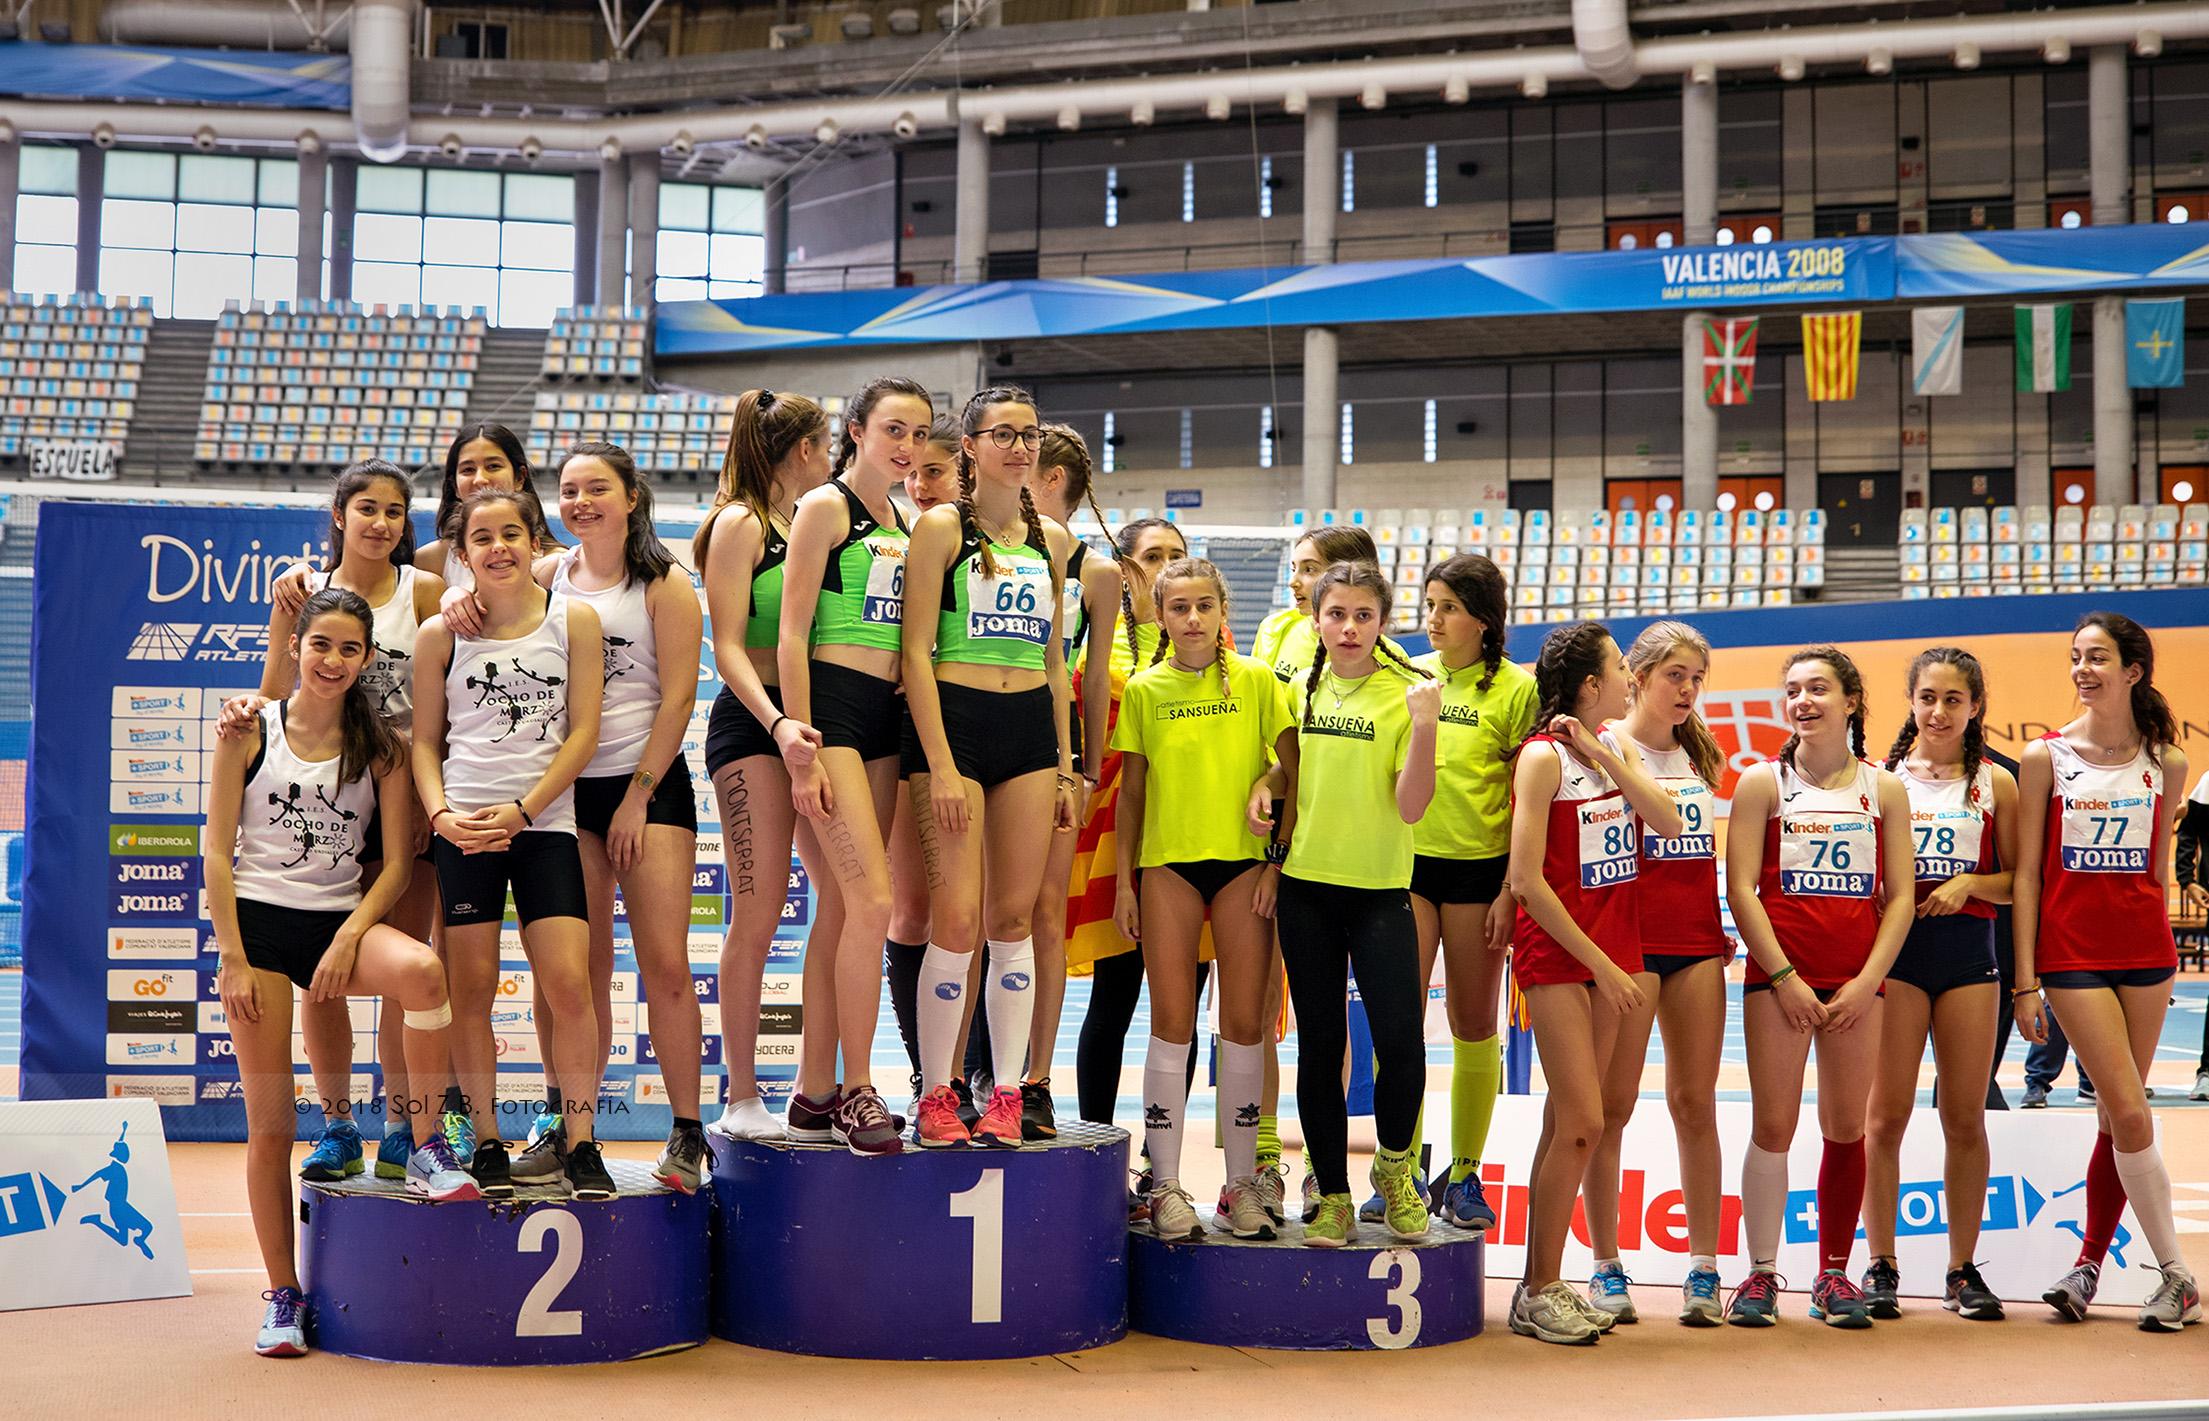 z 15-04-2018 podium chicas Valencia 2018 srbf